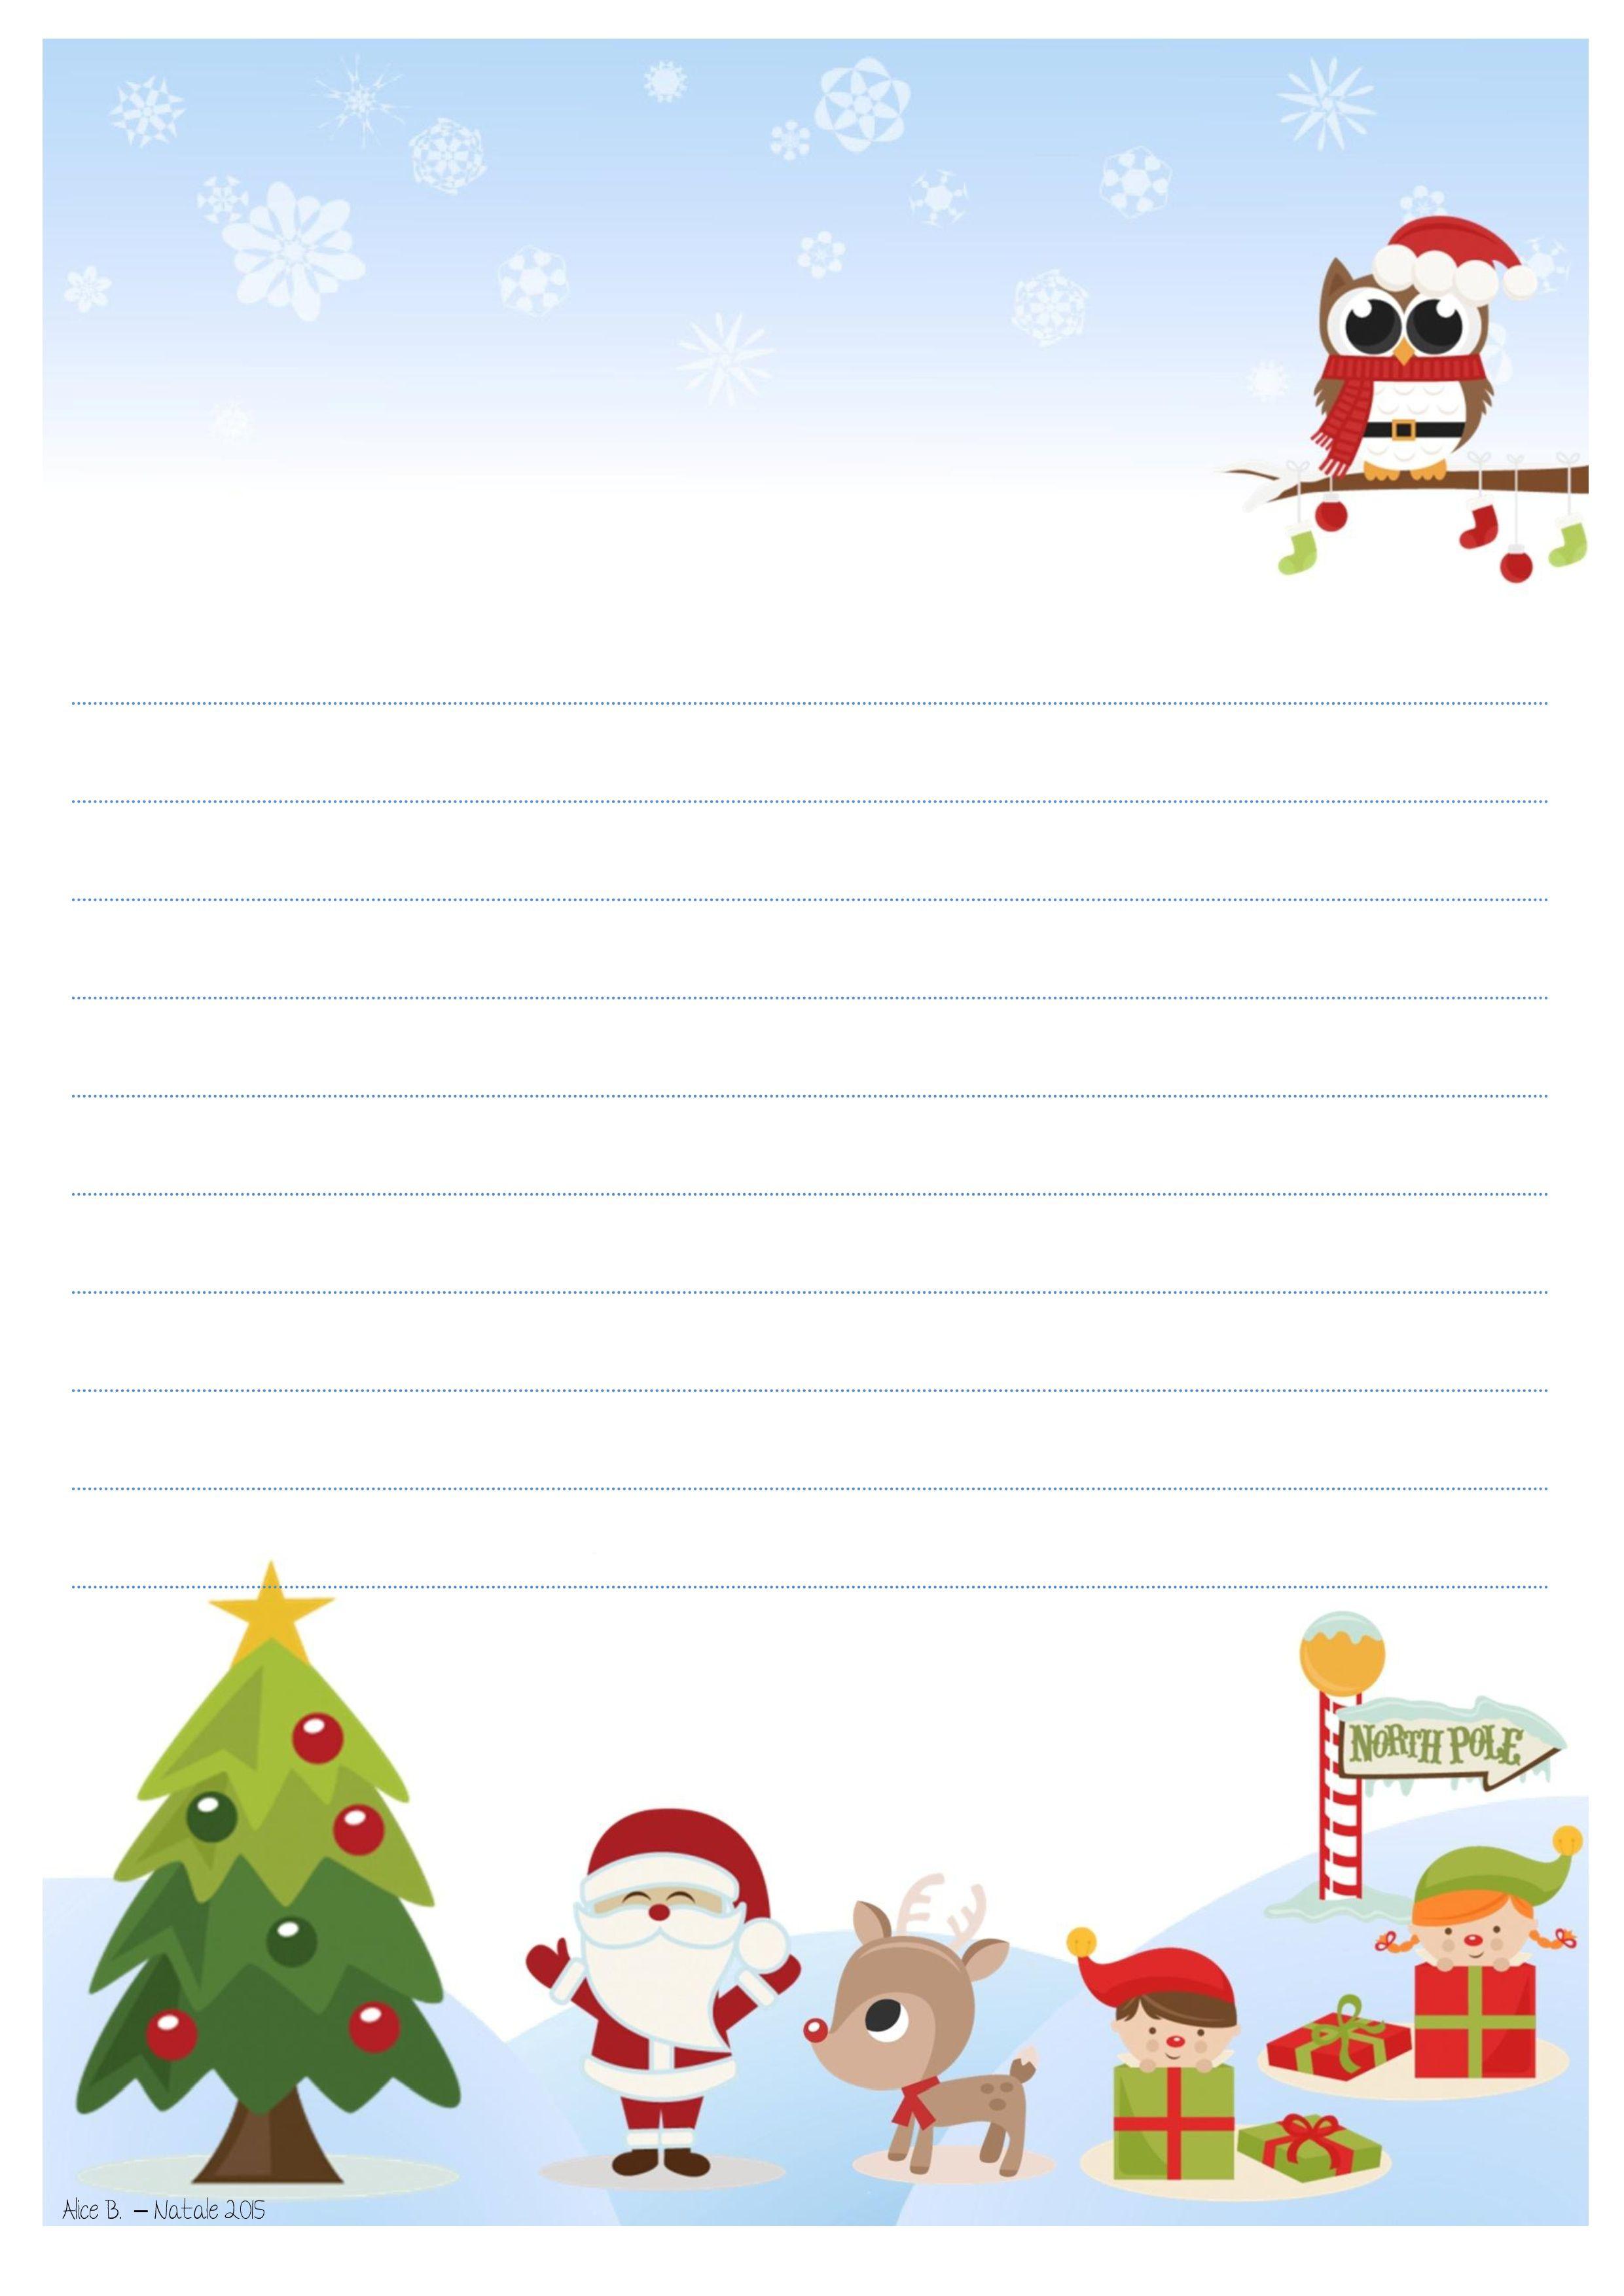 Cartoline Di Natale Da Stampare.Letterina A Babbo Natale Da Stampare Gratis Alice B